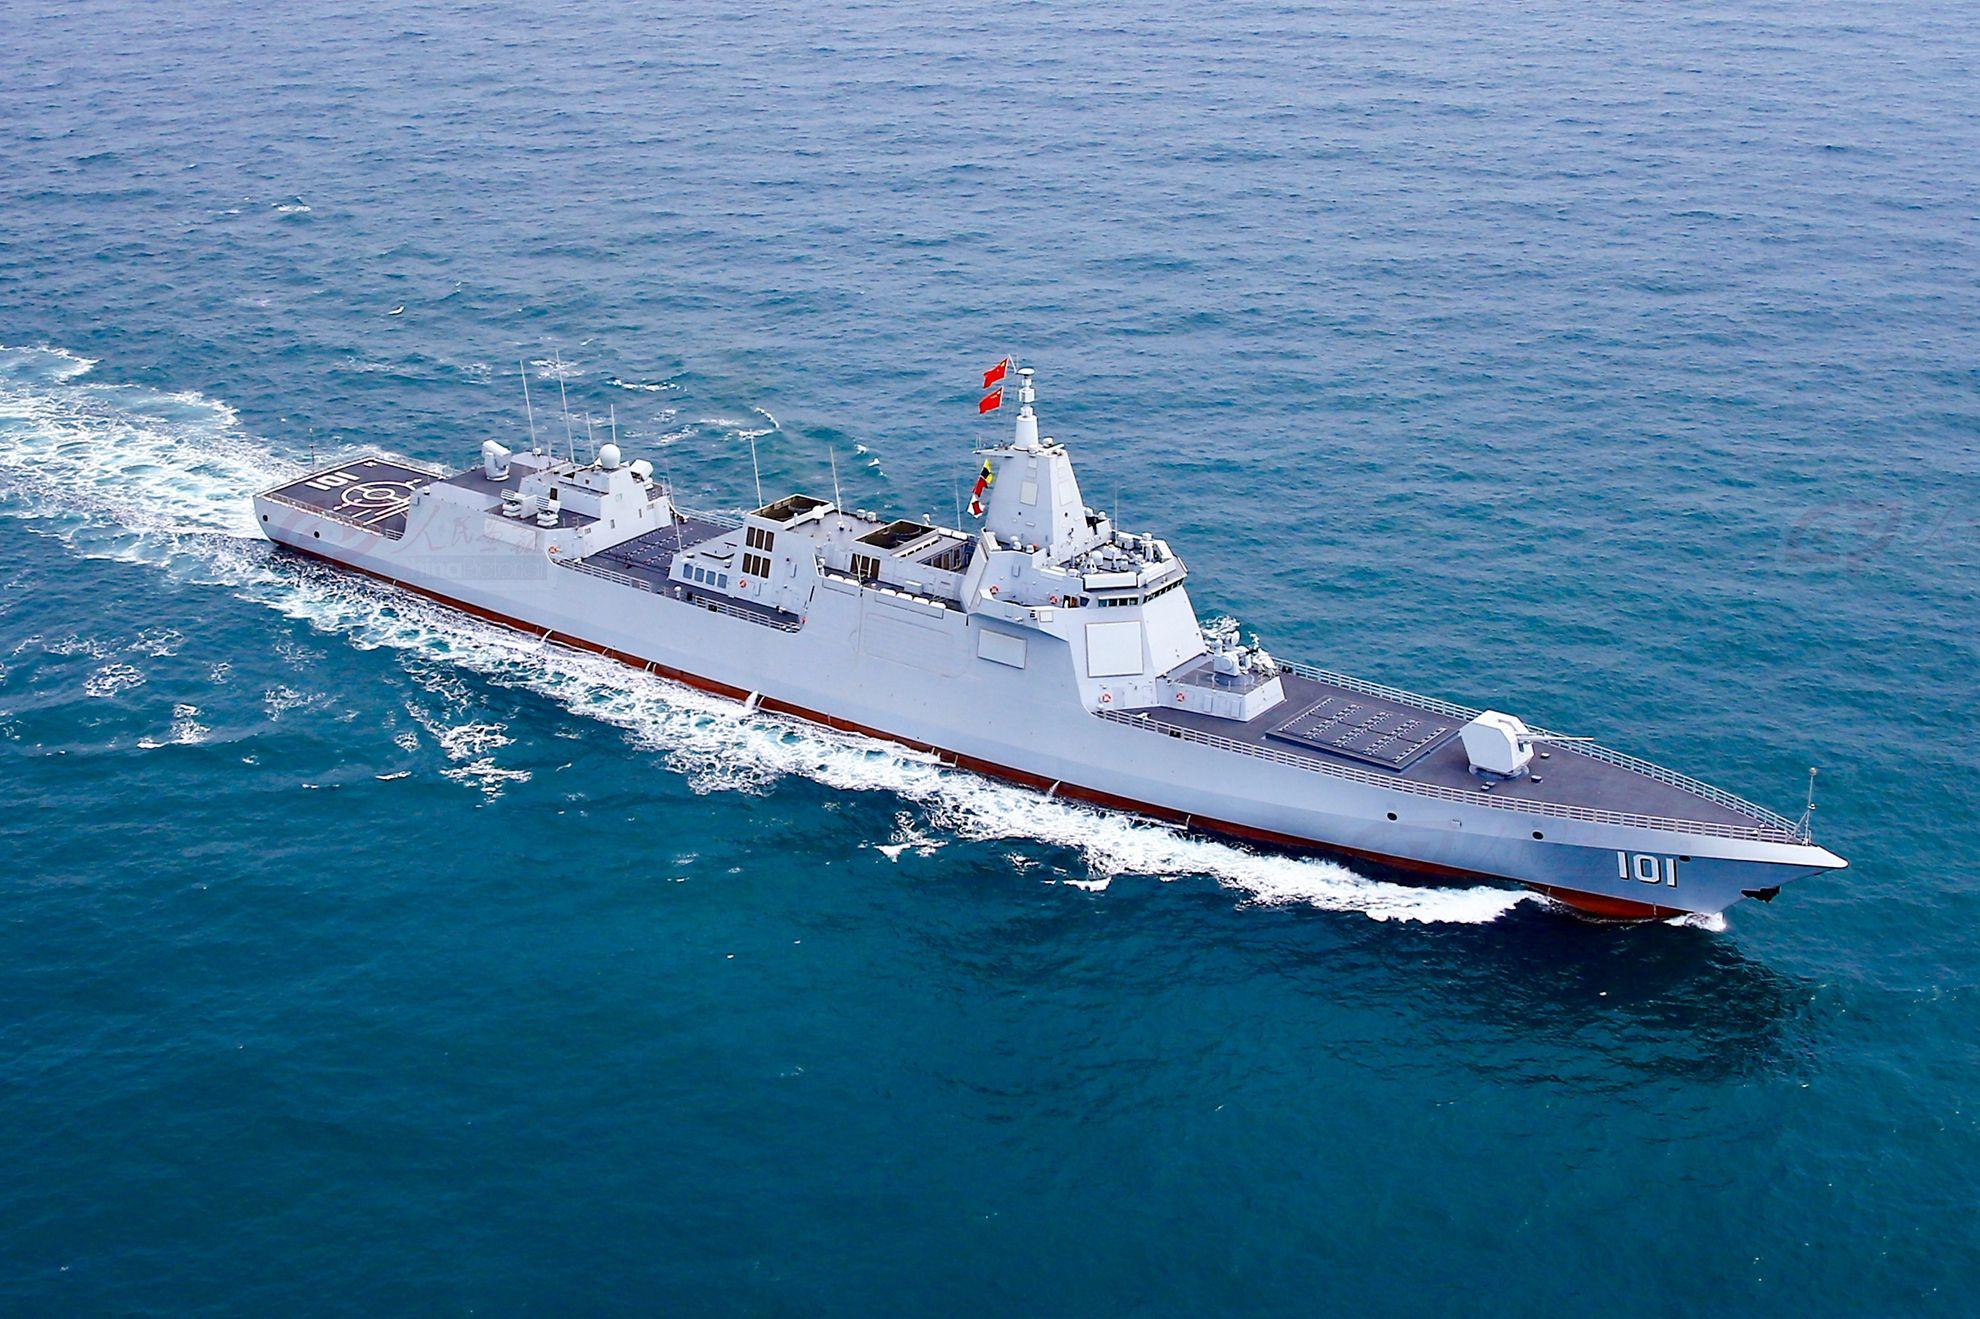 中船重工传来捷报,055推进系统大突破,破解困扰海军发展难题